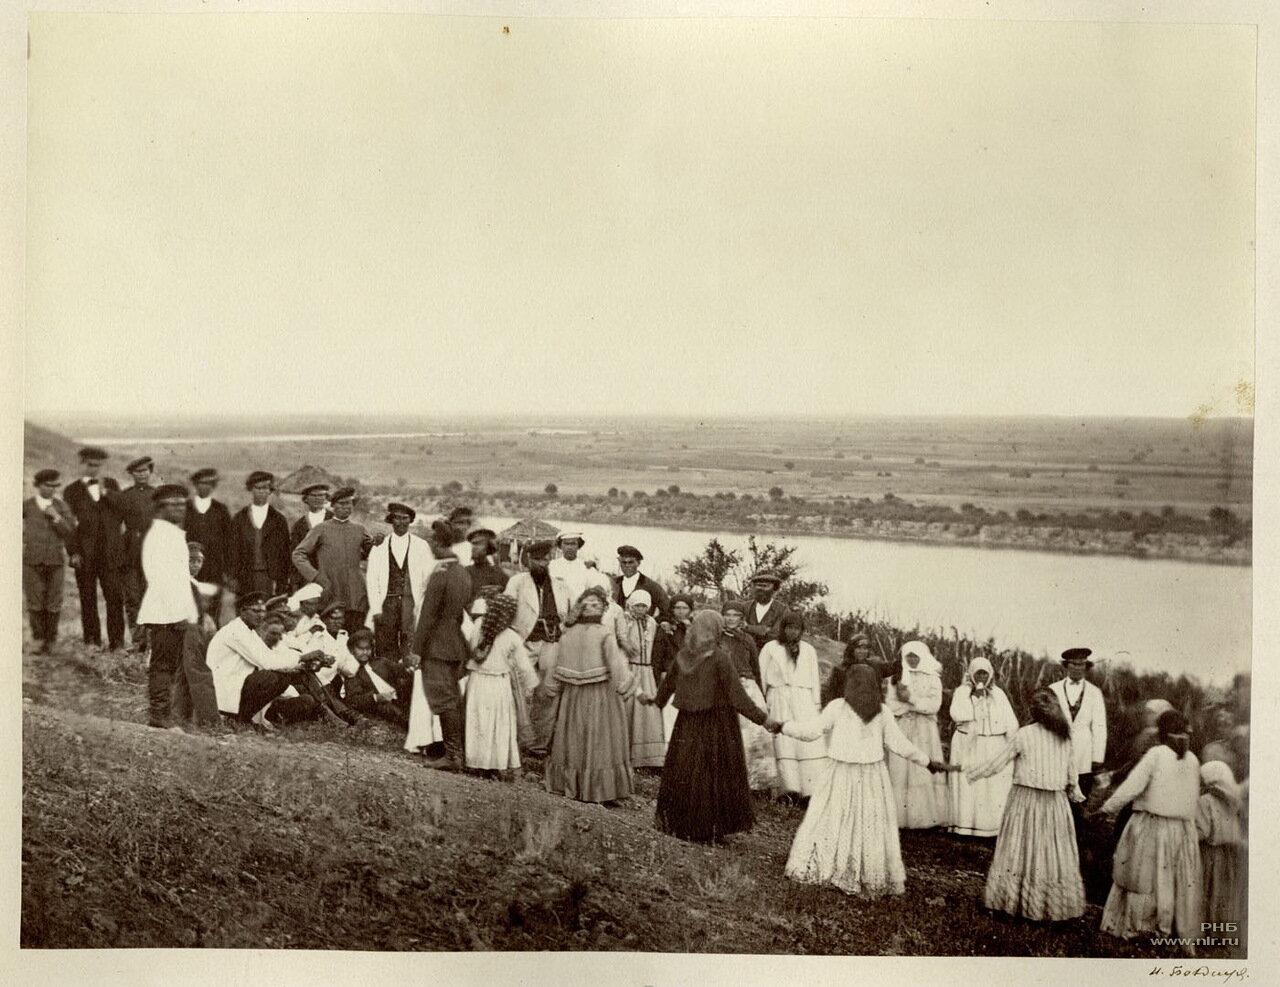 Улица в праздник на виноградных садах. Земля войска Донского II станица Цымлянская. 1875-1876